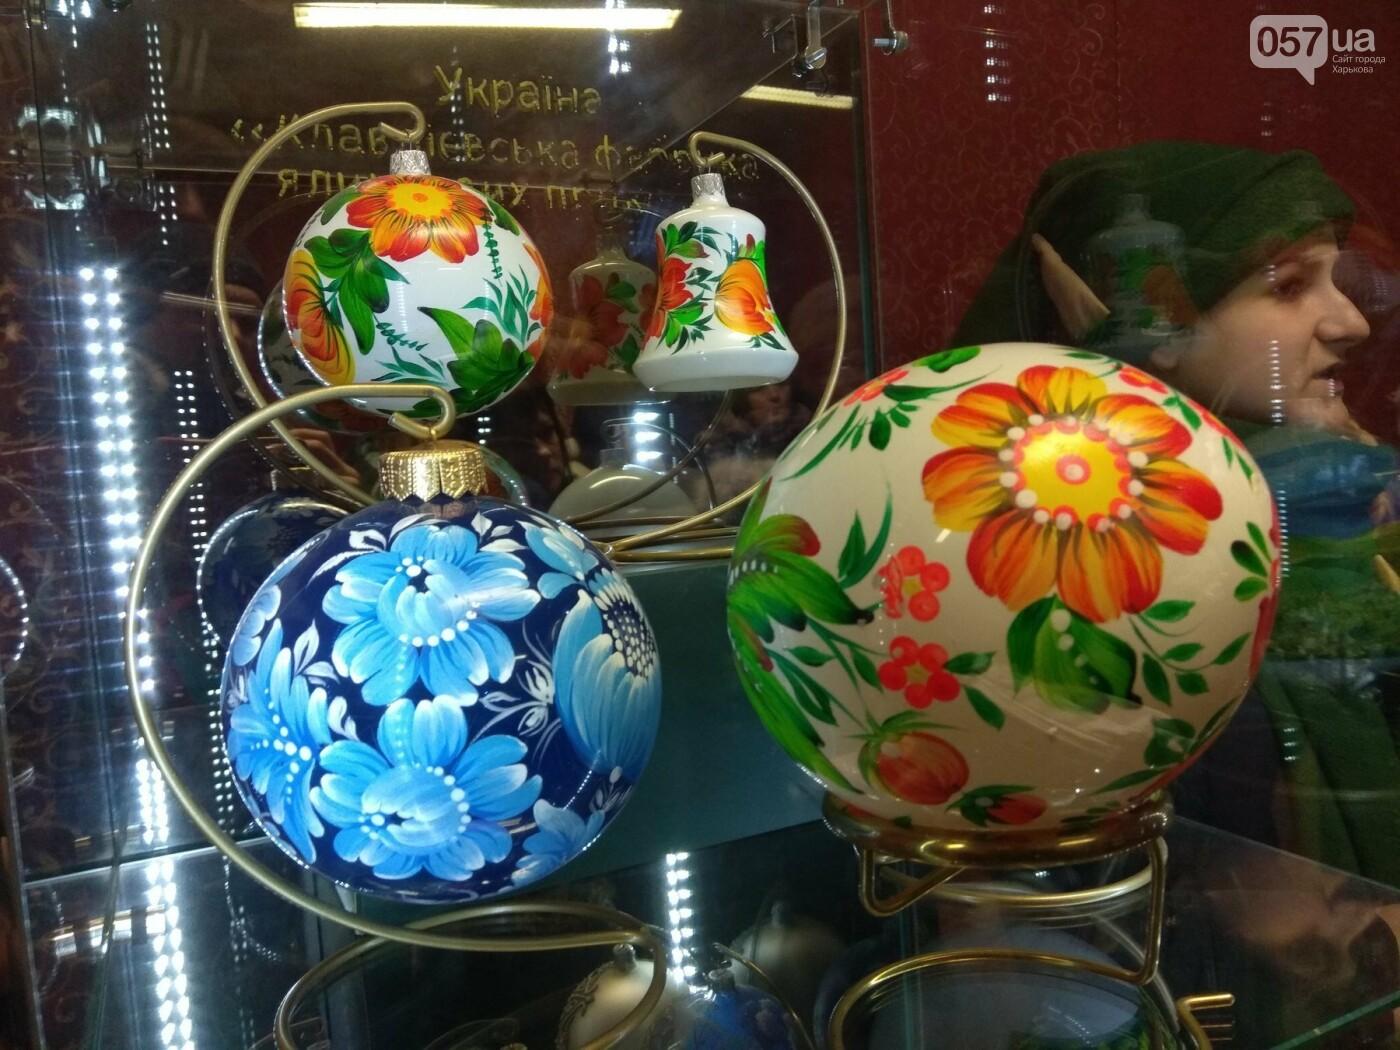 Фабрика елочных игрушек под Киевом. Куда харьковчане могут поехать на выходных, - ФОТО, фото-15